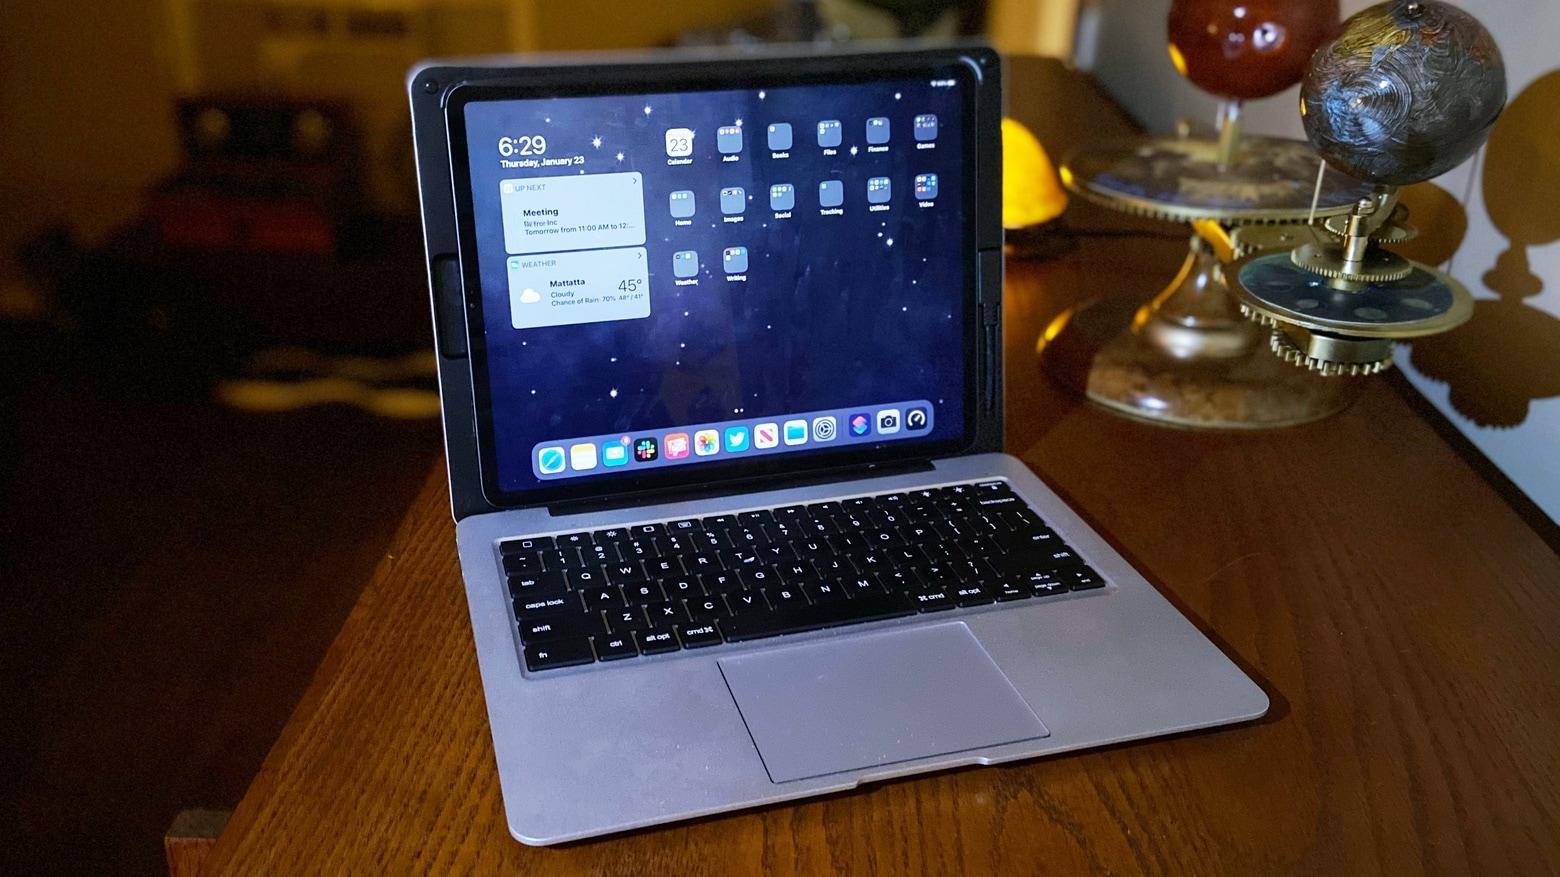 Doqo keyboard with 12.9-inch iPad Pro